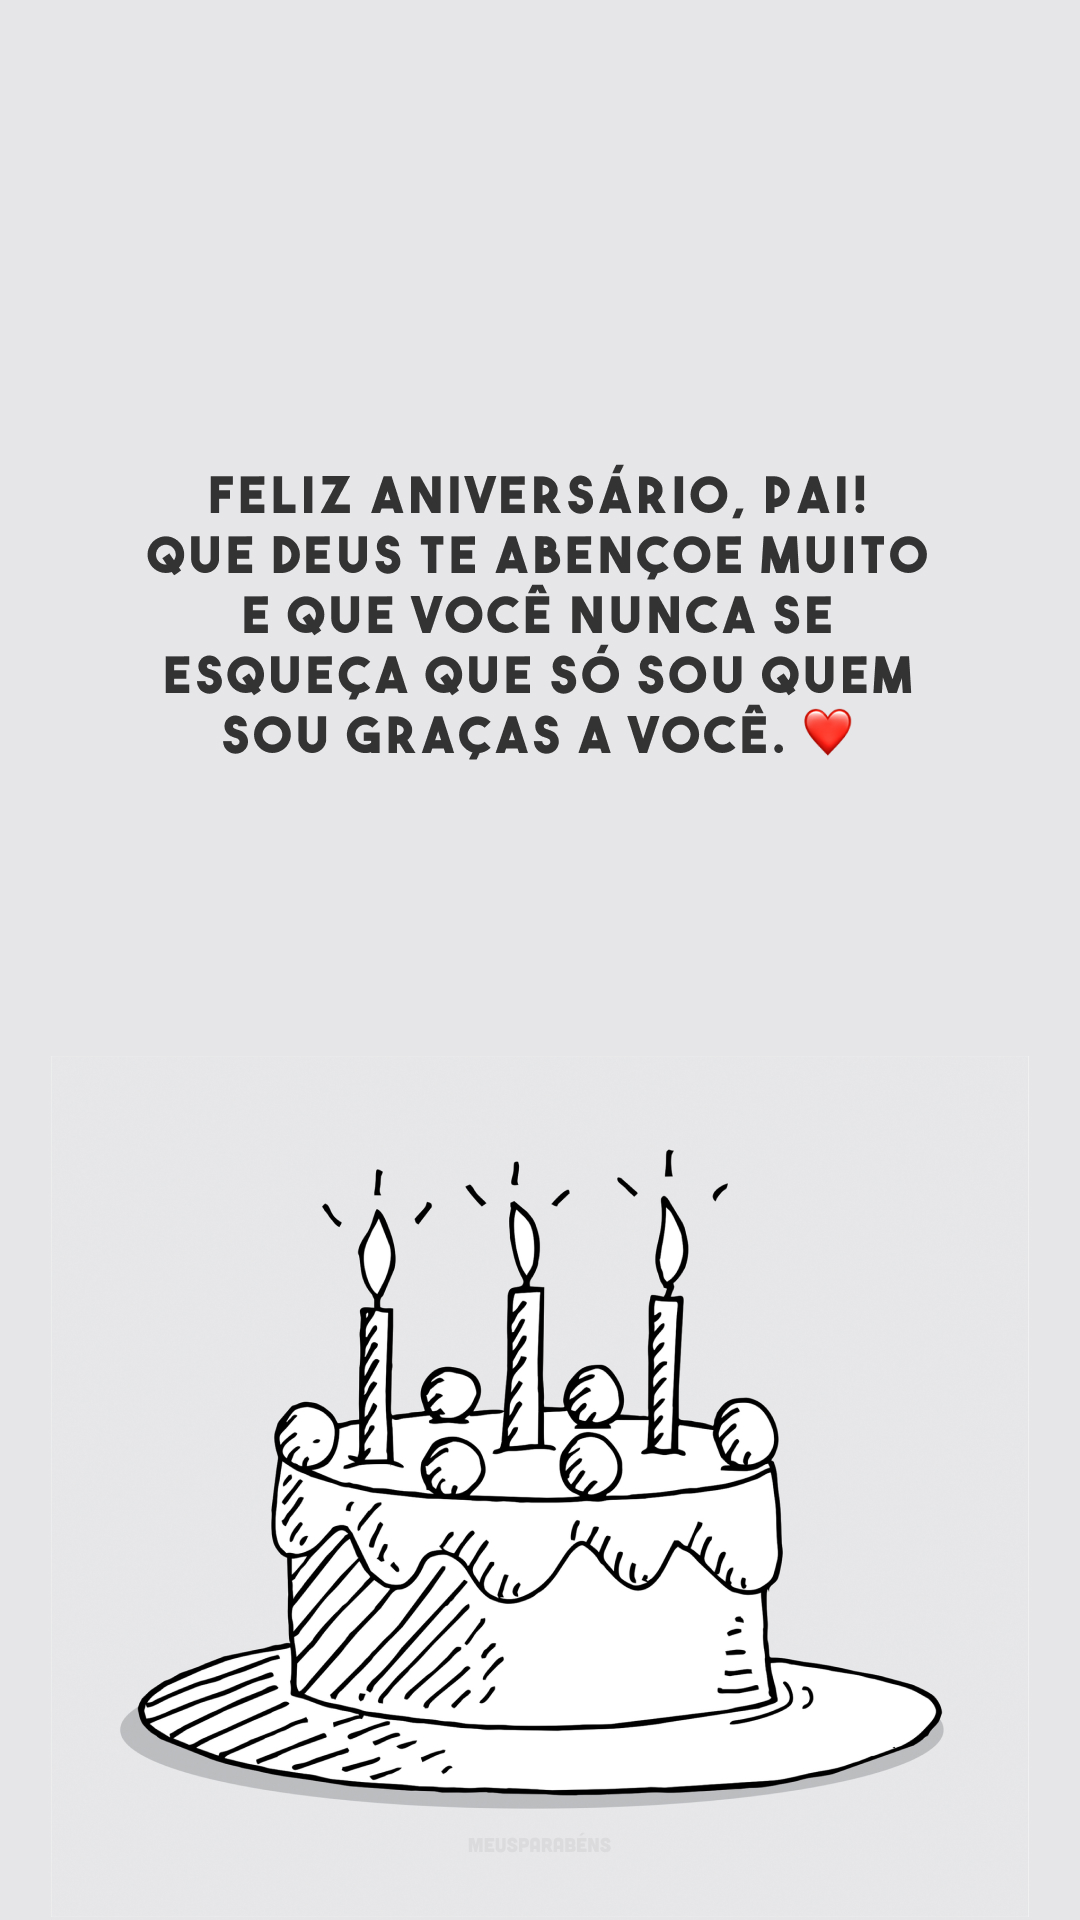 Feliz aniversário, pai! Que Deus te abençoe muito e que você nunca se esqueça que só sou quem sou graças a você. ❤️